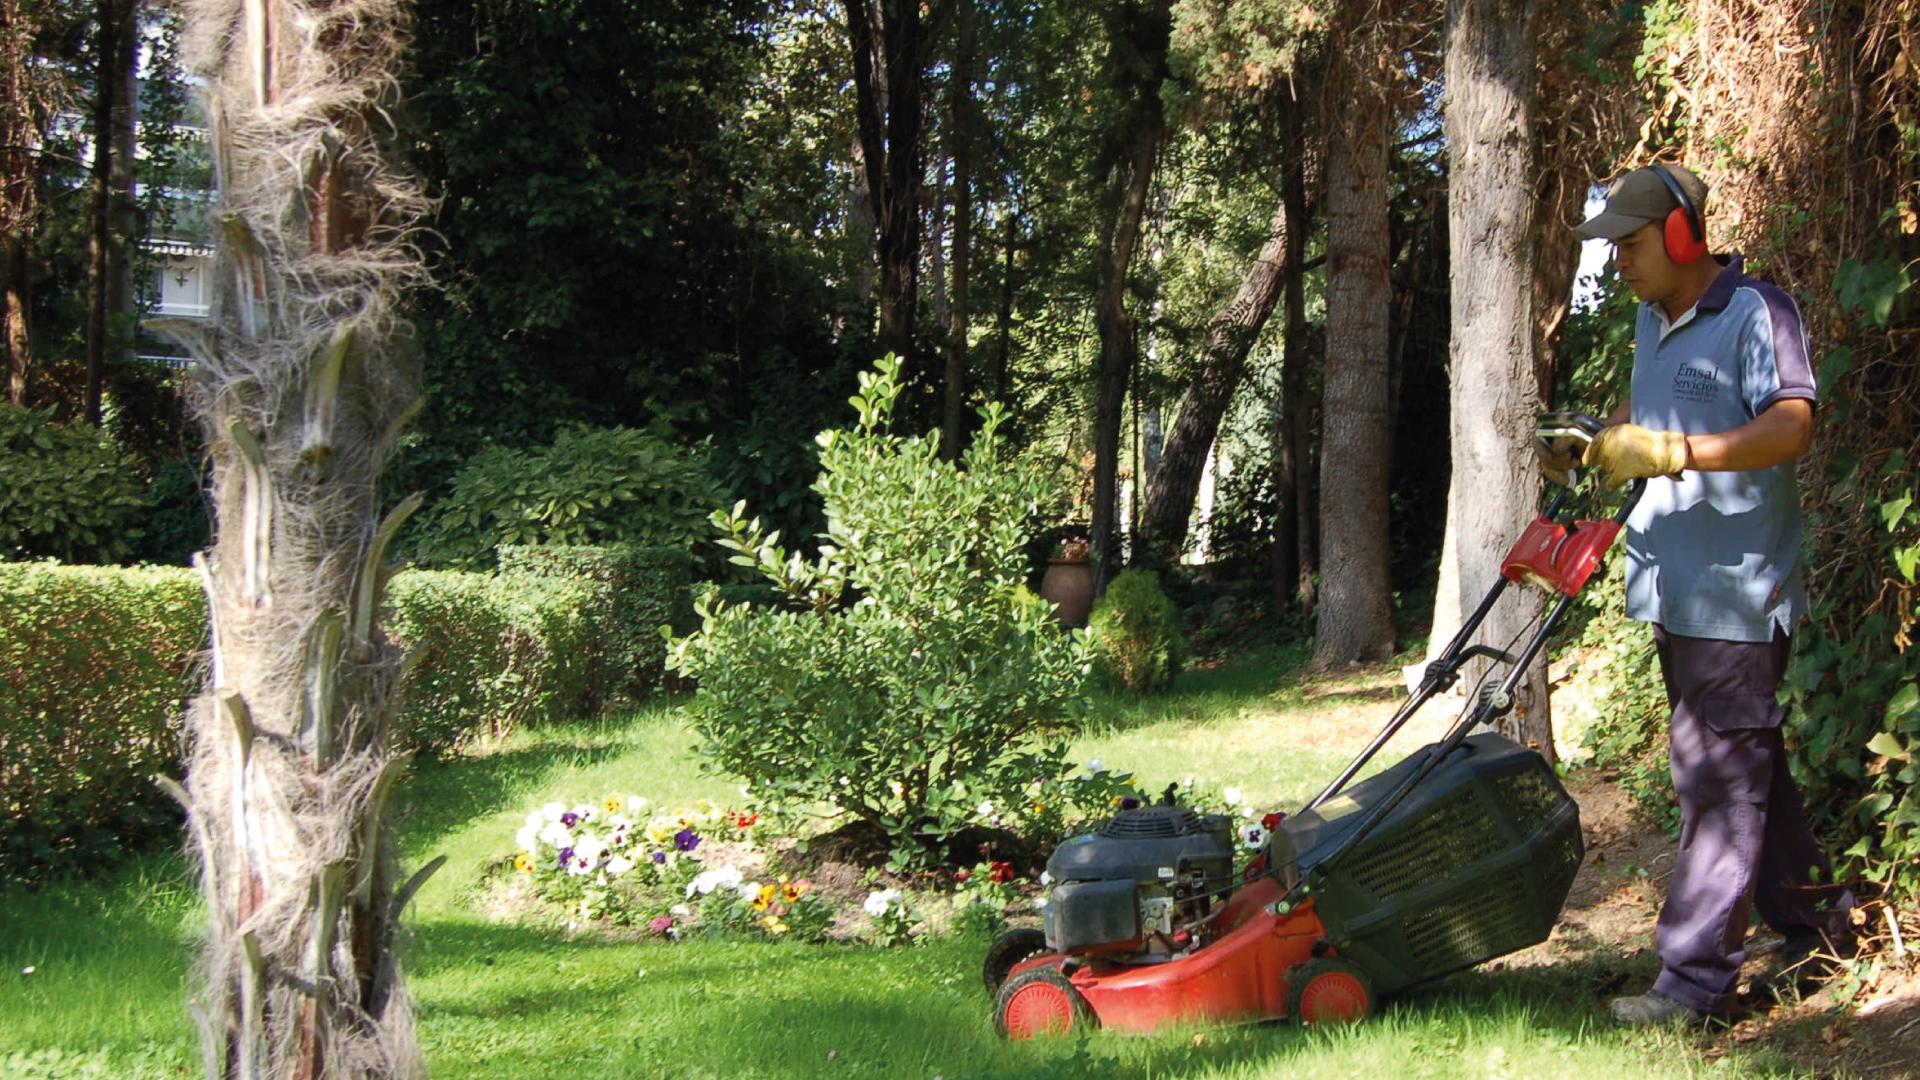 Servicios de jardiner a en madrid emsal - Trabajo de jardineria en madrid ...